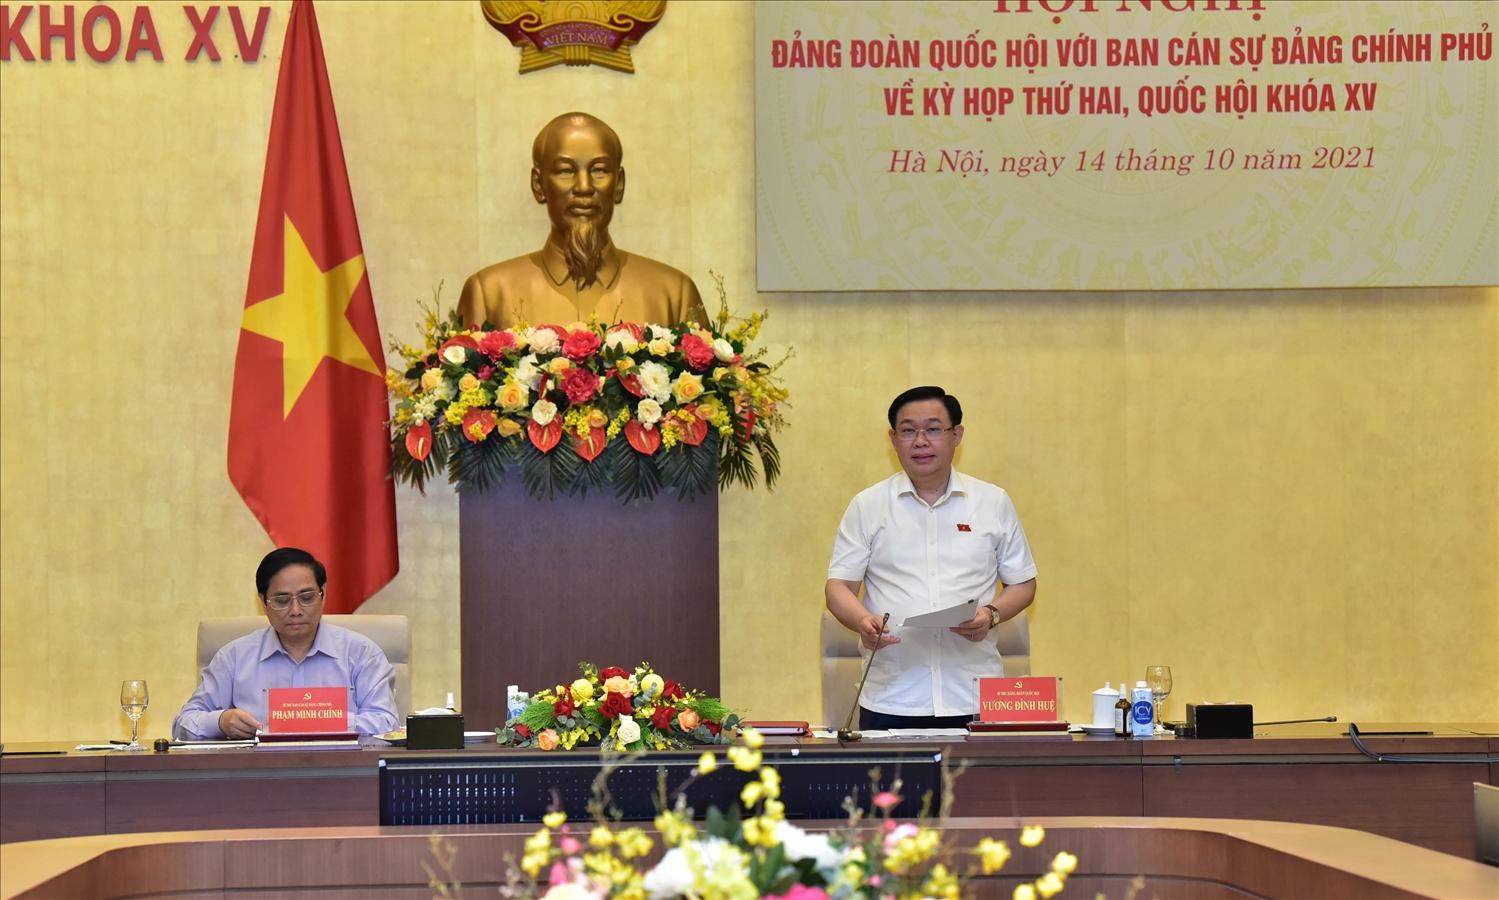 Chủ tịch Quốc hội Vương Đình Huệ nhấn mạnh: Tất cả các công việc chuẩn bị cho kỳ họp thứ 2 đến nay đã hoàn tất với sự đồng thuận, thống nhất rất cao. Ảnh: VGP/Thành Chung